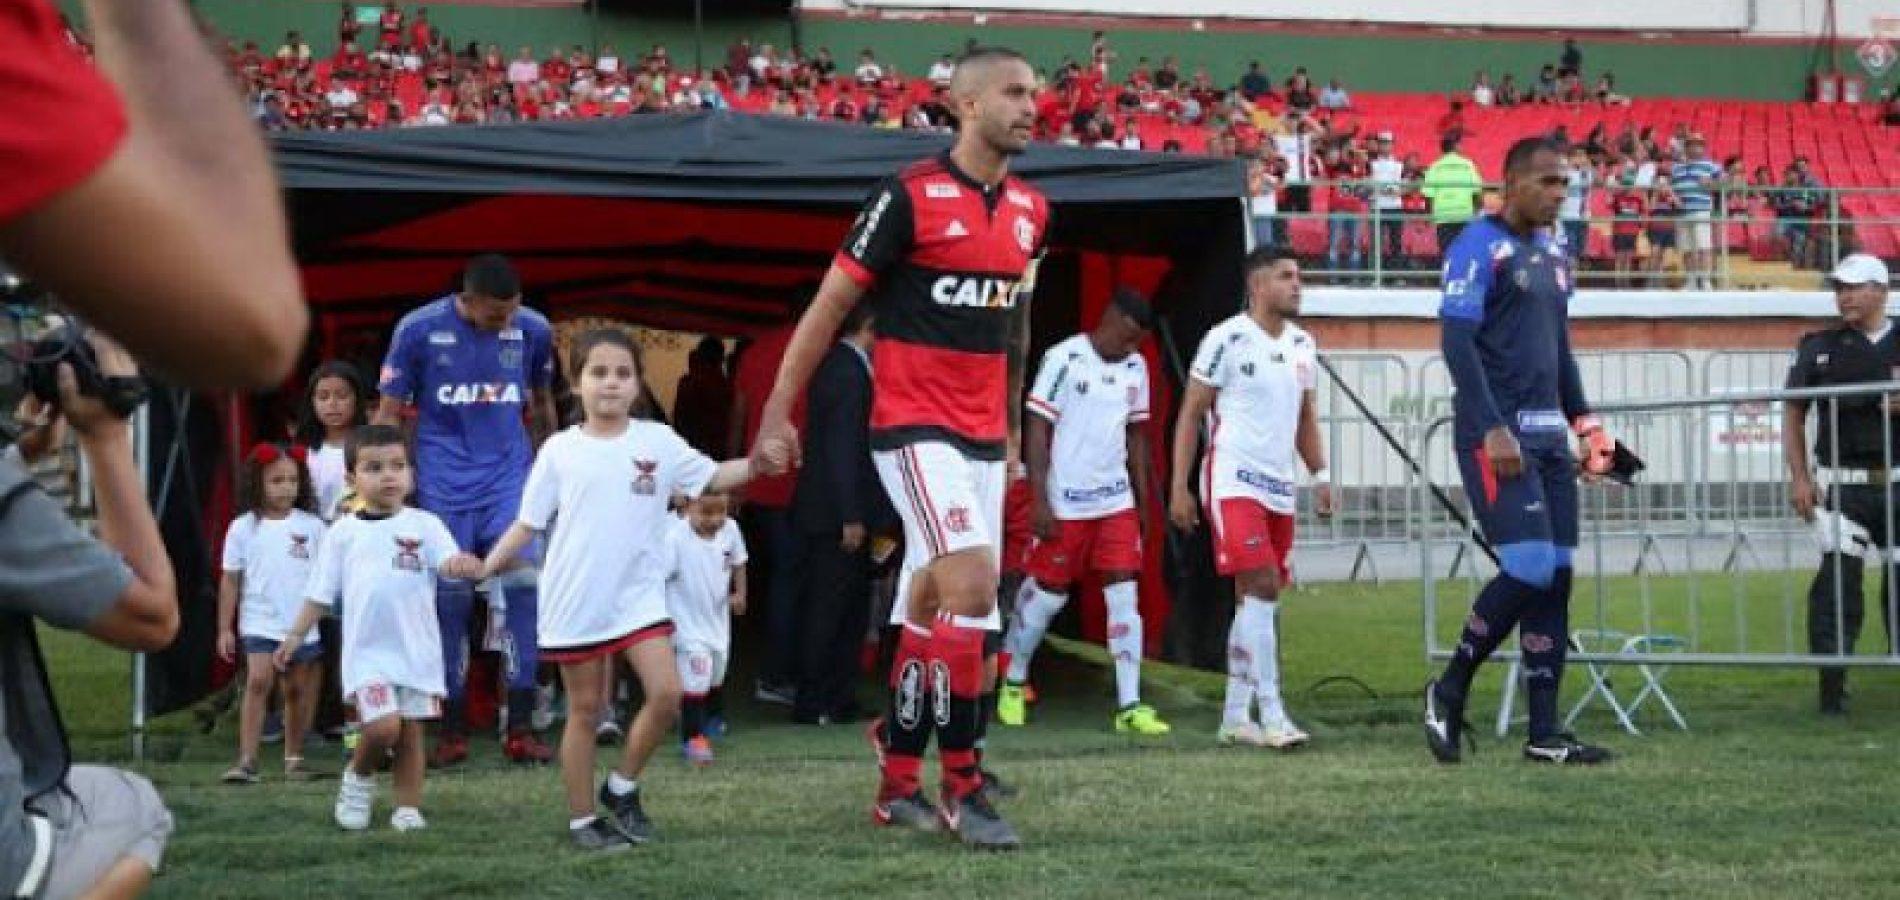 Piauiense Rômulo volta como capitão e é aplaudido em vitória do Flamengo